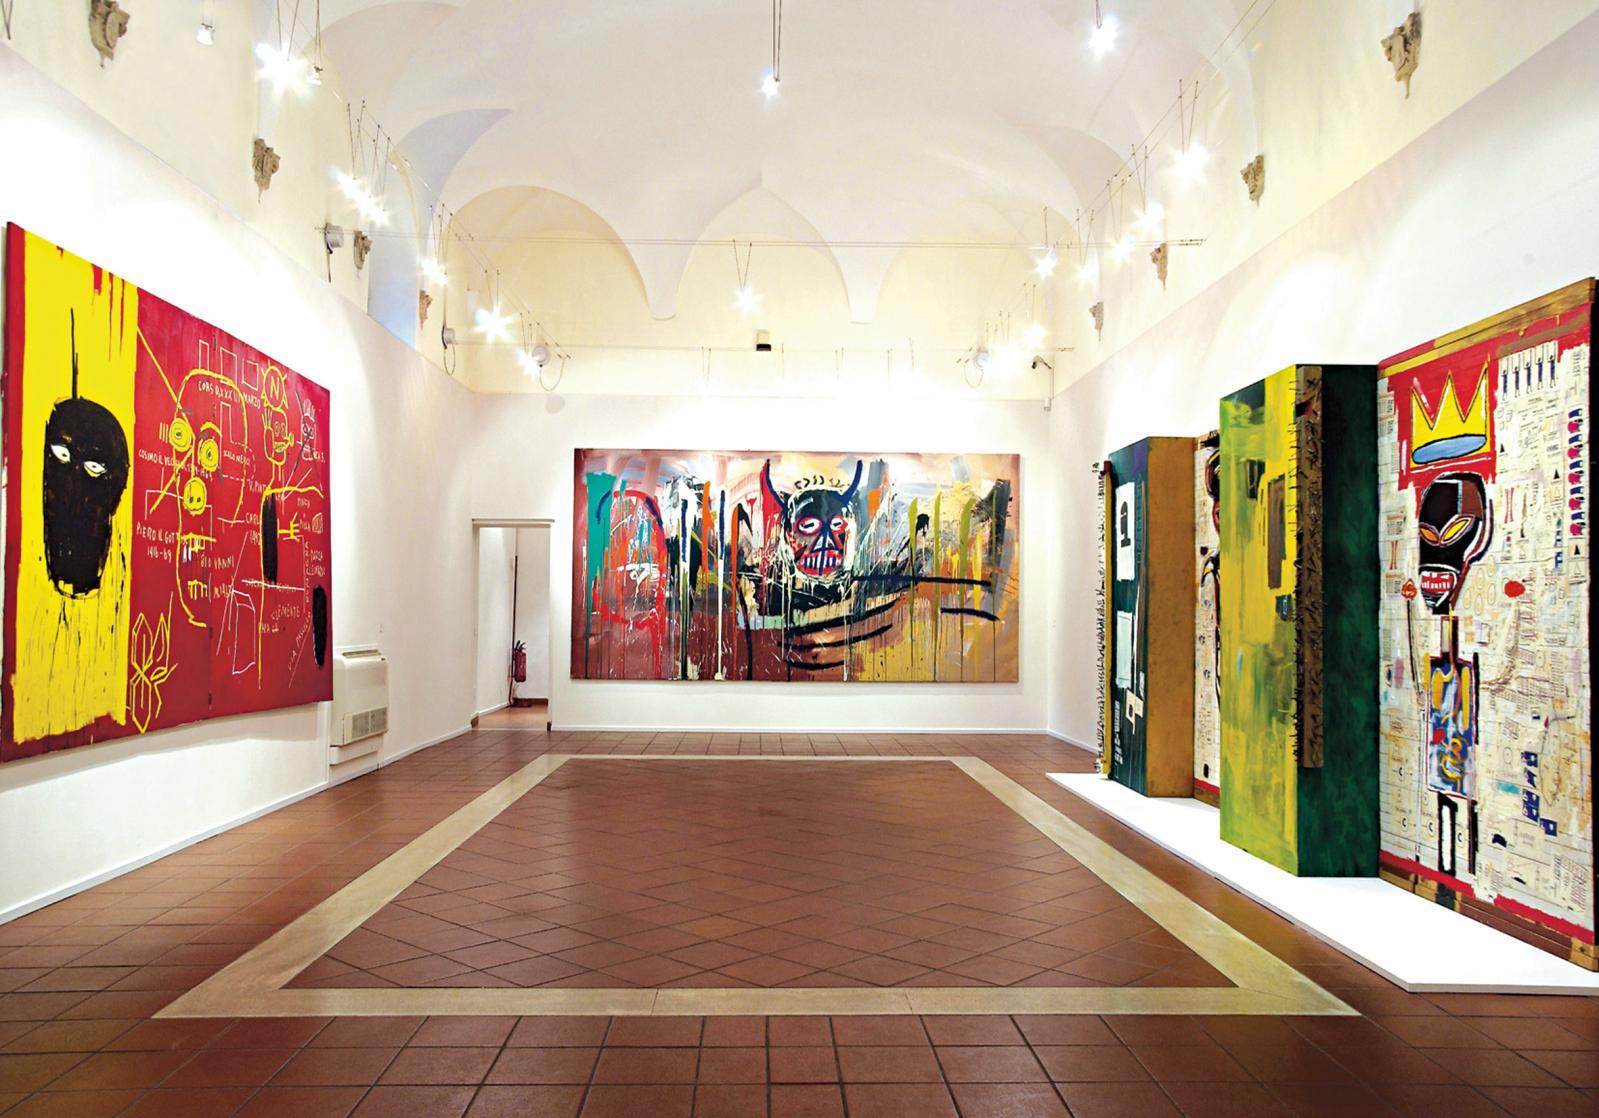 Exposition «Jean-Michel Basquiat, dipinti», chiostro del Bramante, Rome, Italie, 2002.